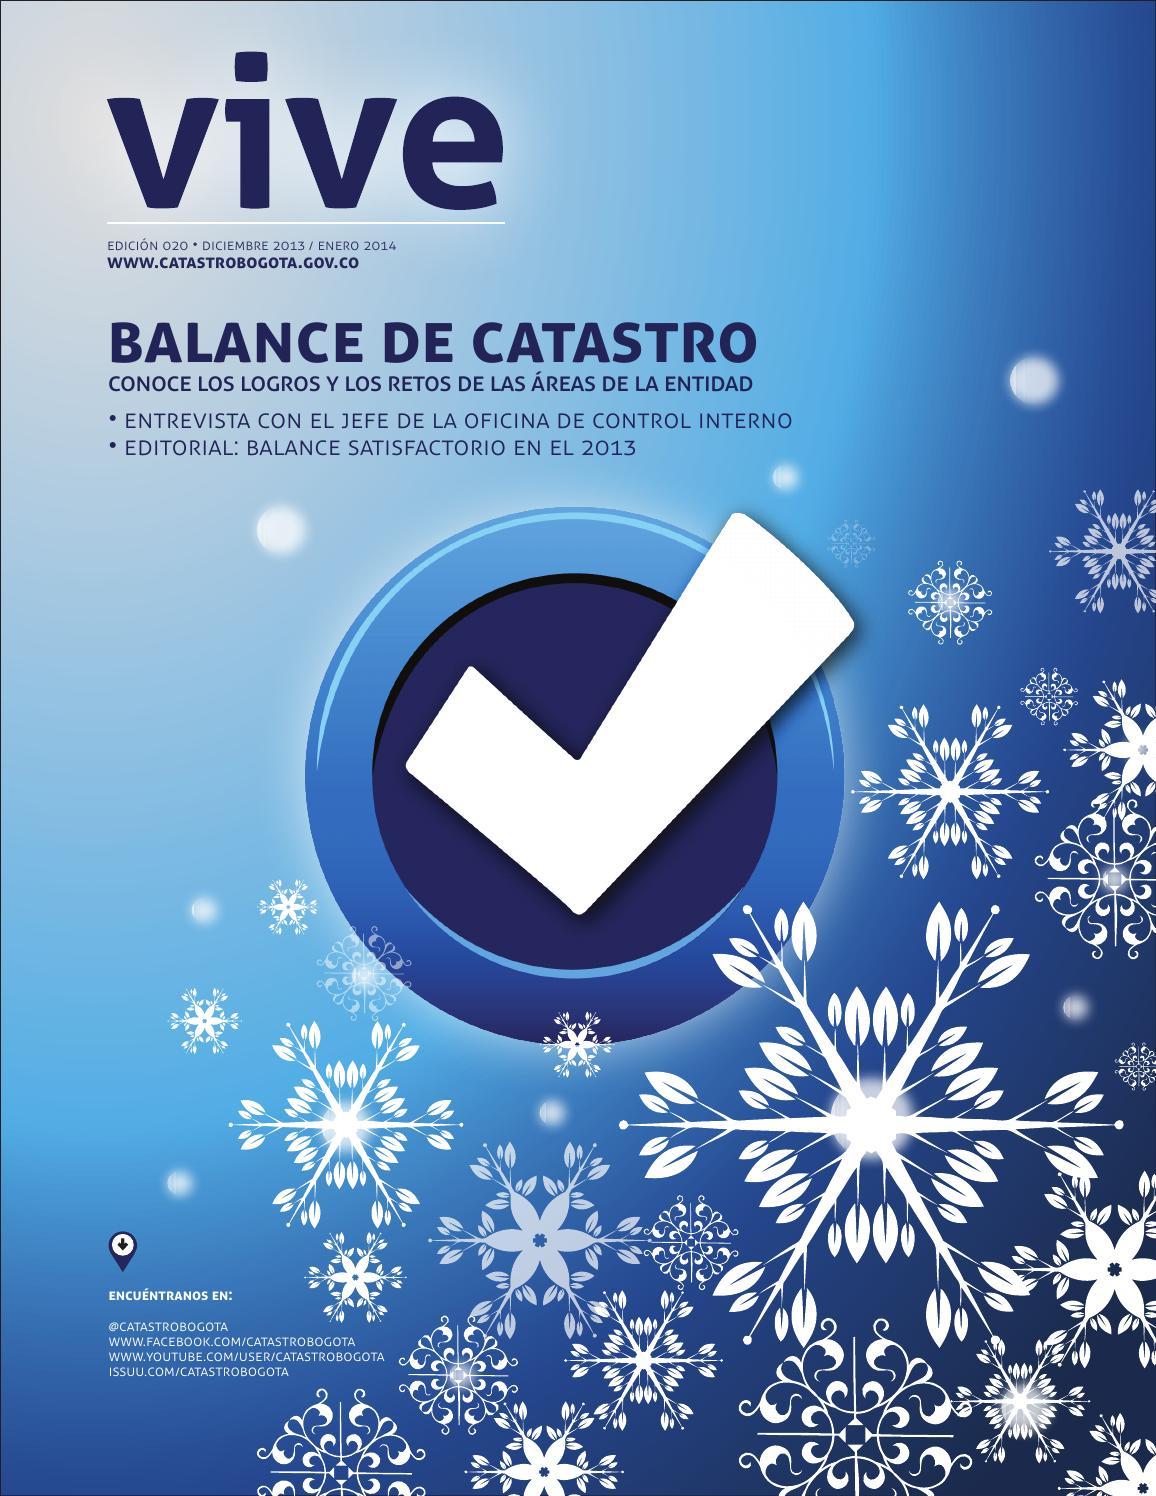 Vive la revista diciembre 2013 enero 2014 by catastro for Oficina de catastro